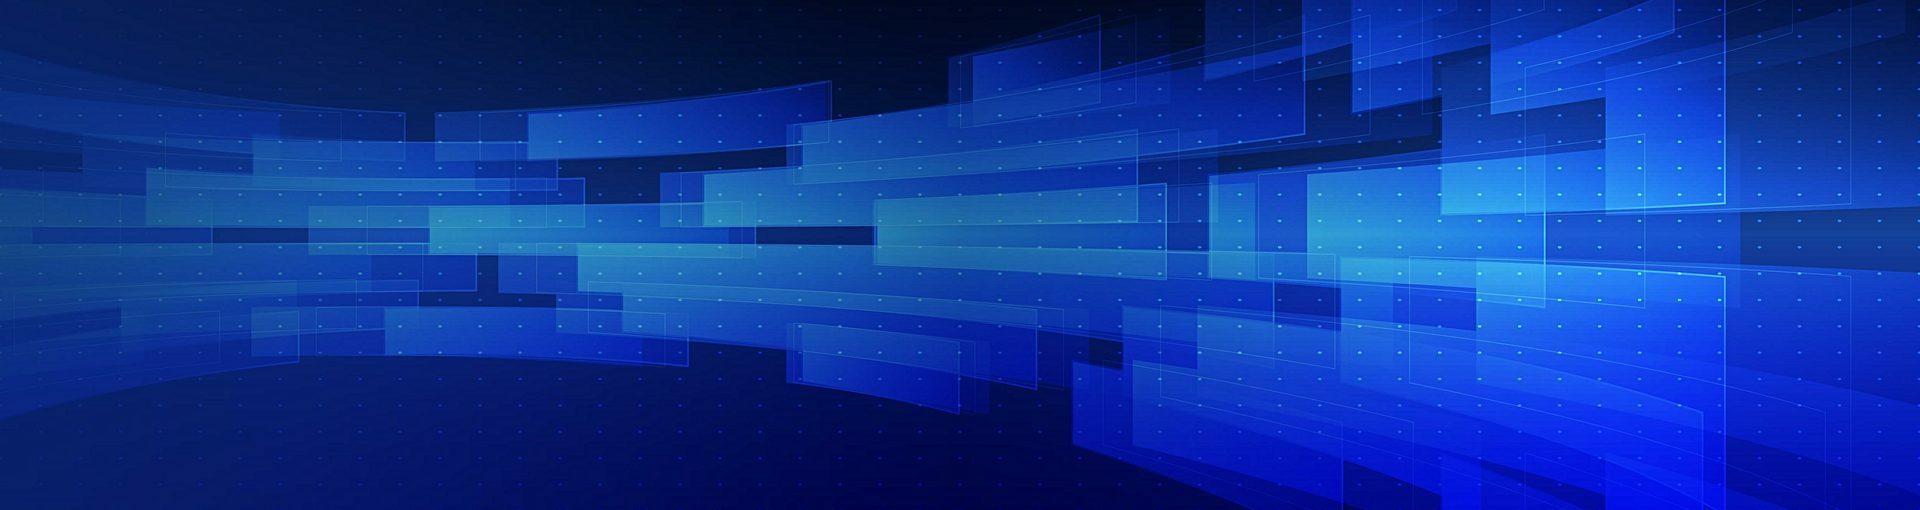 Hero CIO Digital Transformation wp